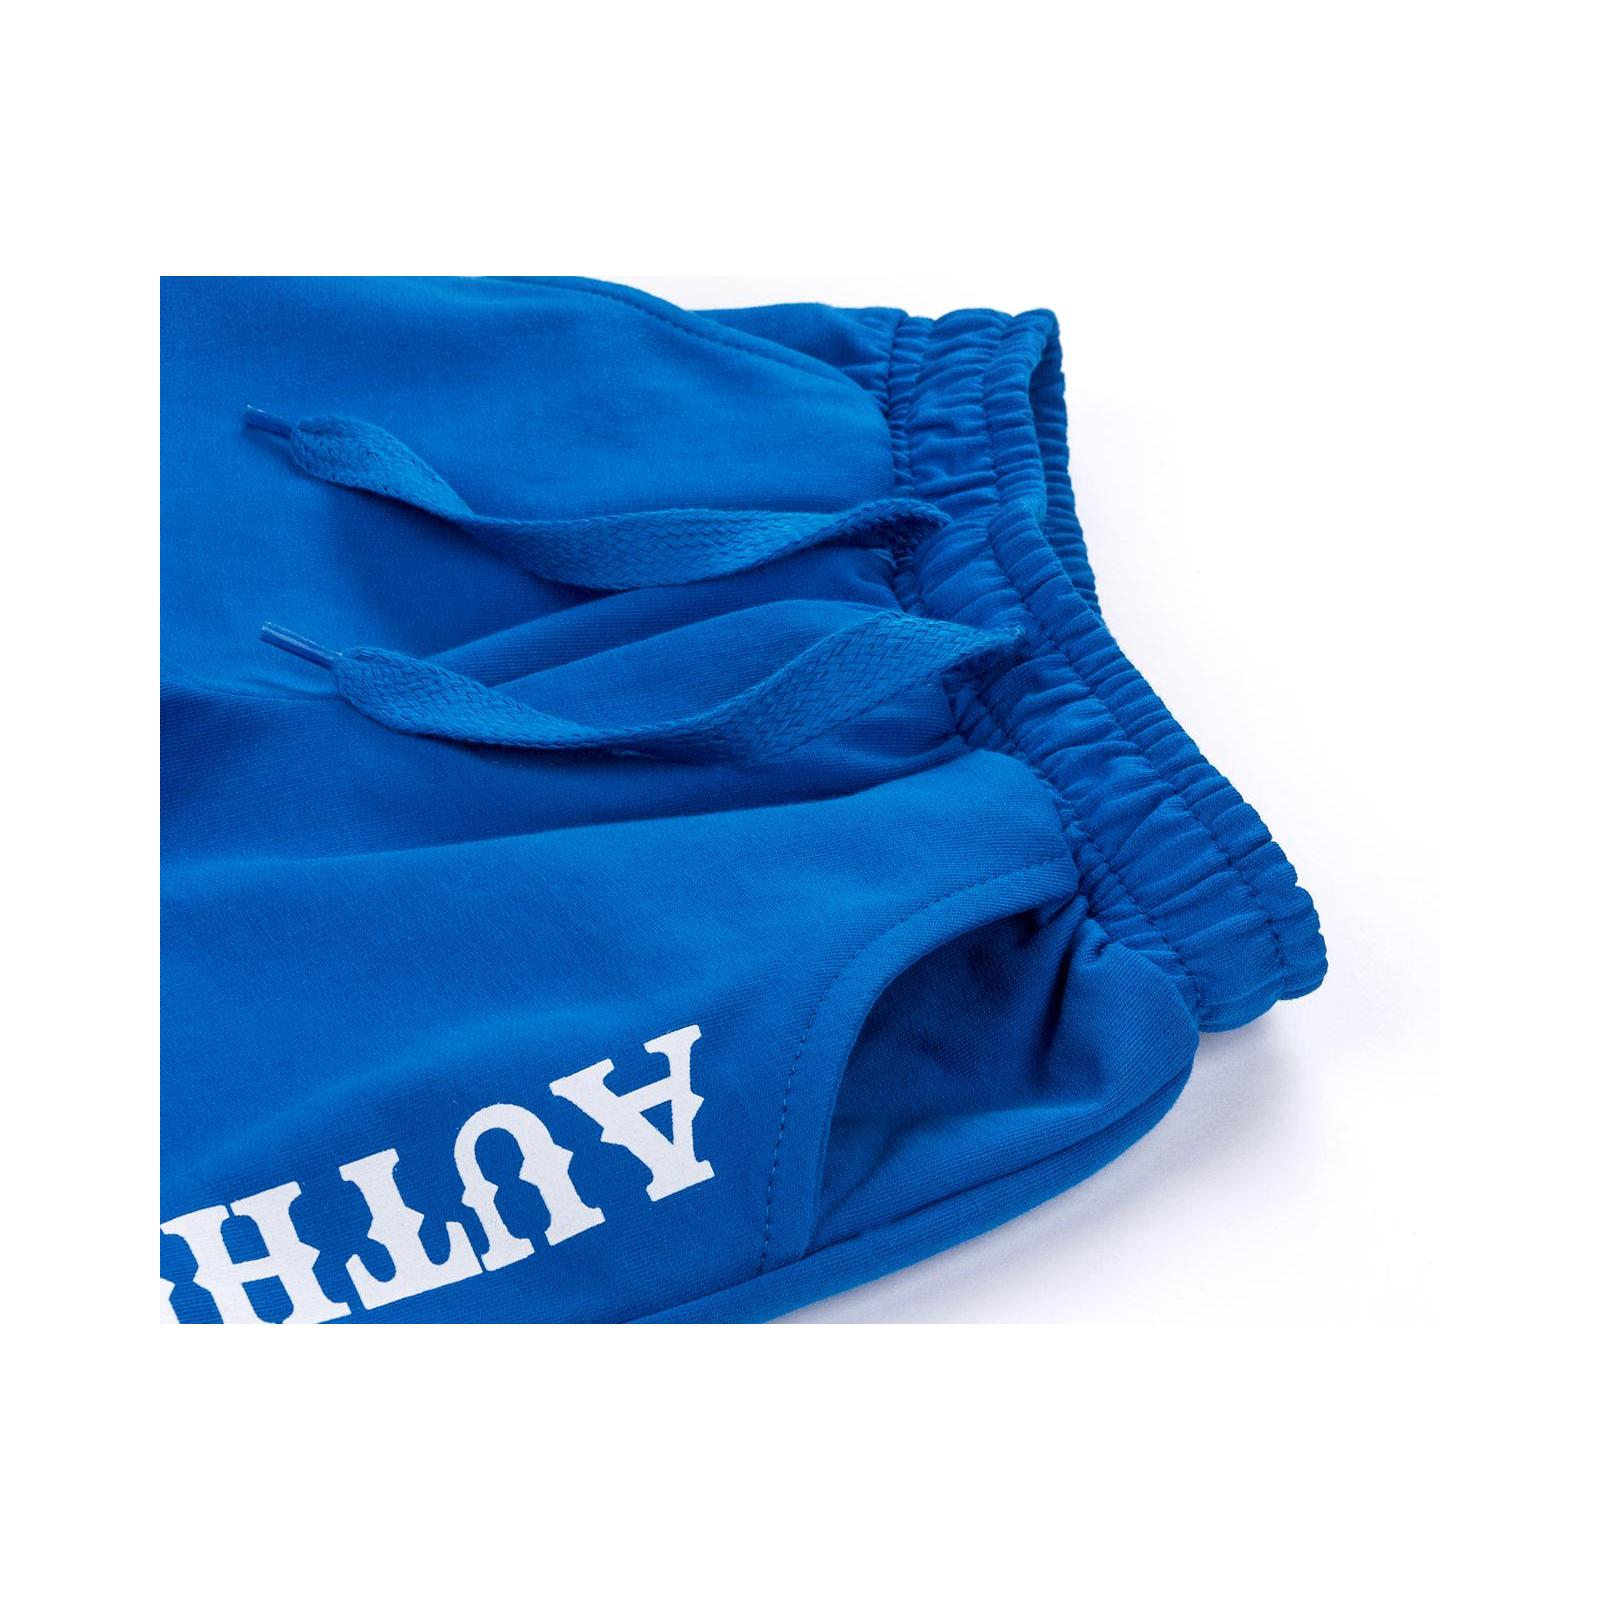 """Футболка детская Breeze с шортами """"AUTHENTIC"""" (10583-92B-blue) изображение 10"""